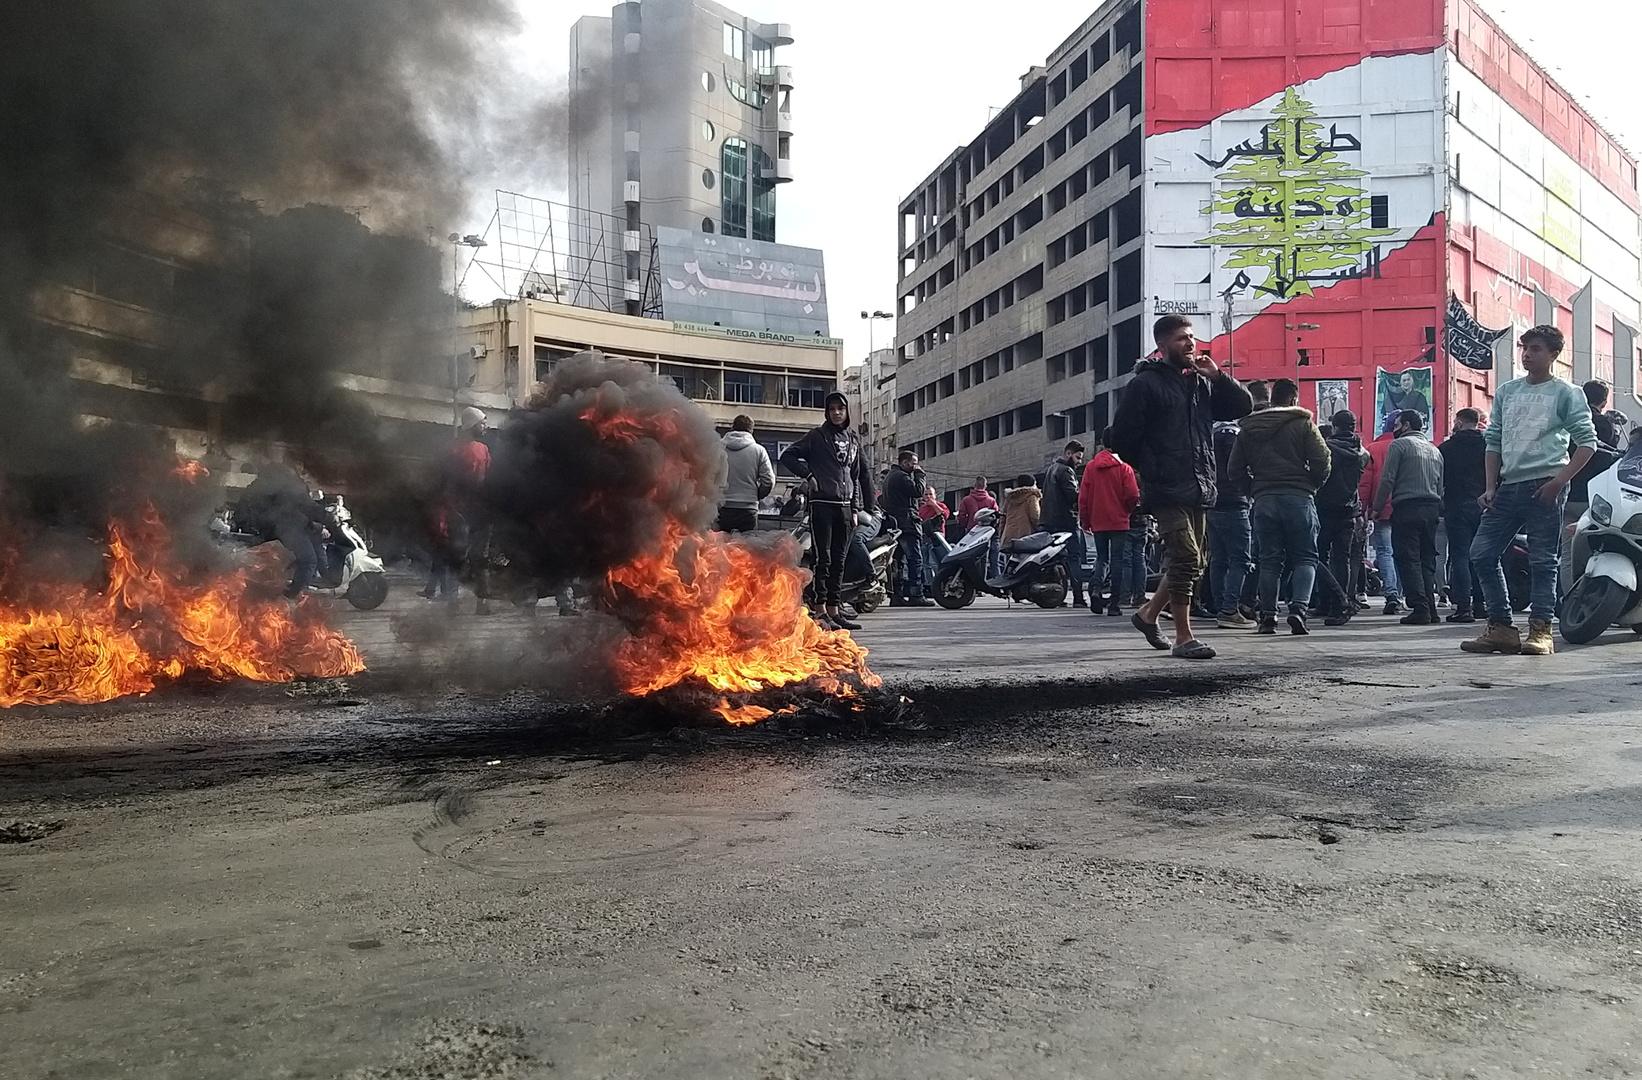 قطع الطرقات في لبنان مستمر احتجاجا على تردي الأوضاع المعيشية